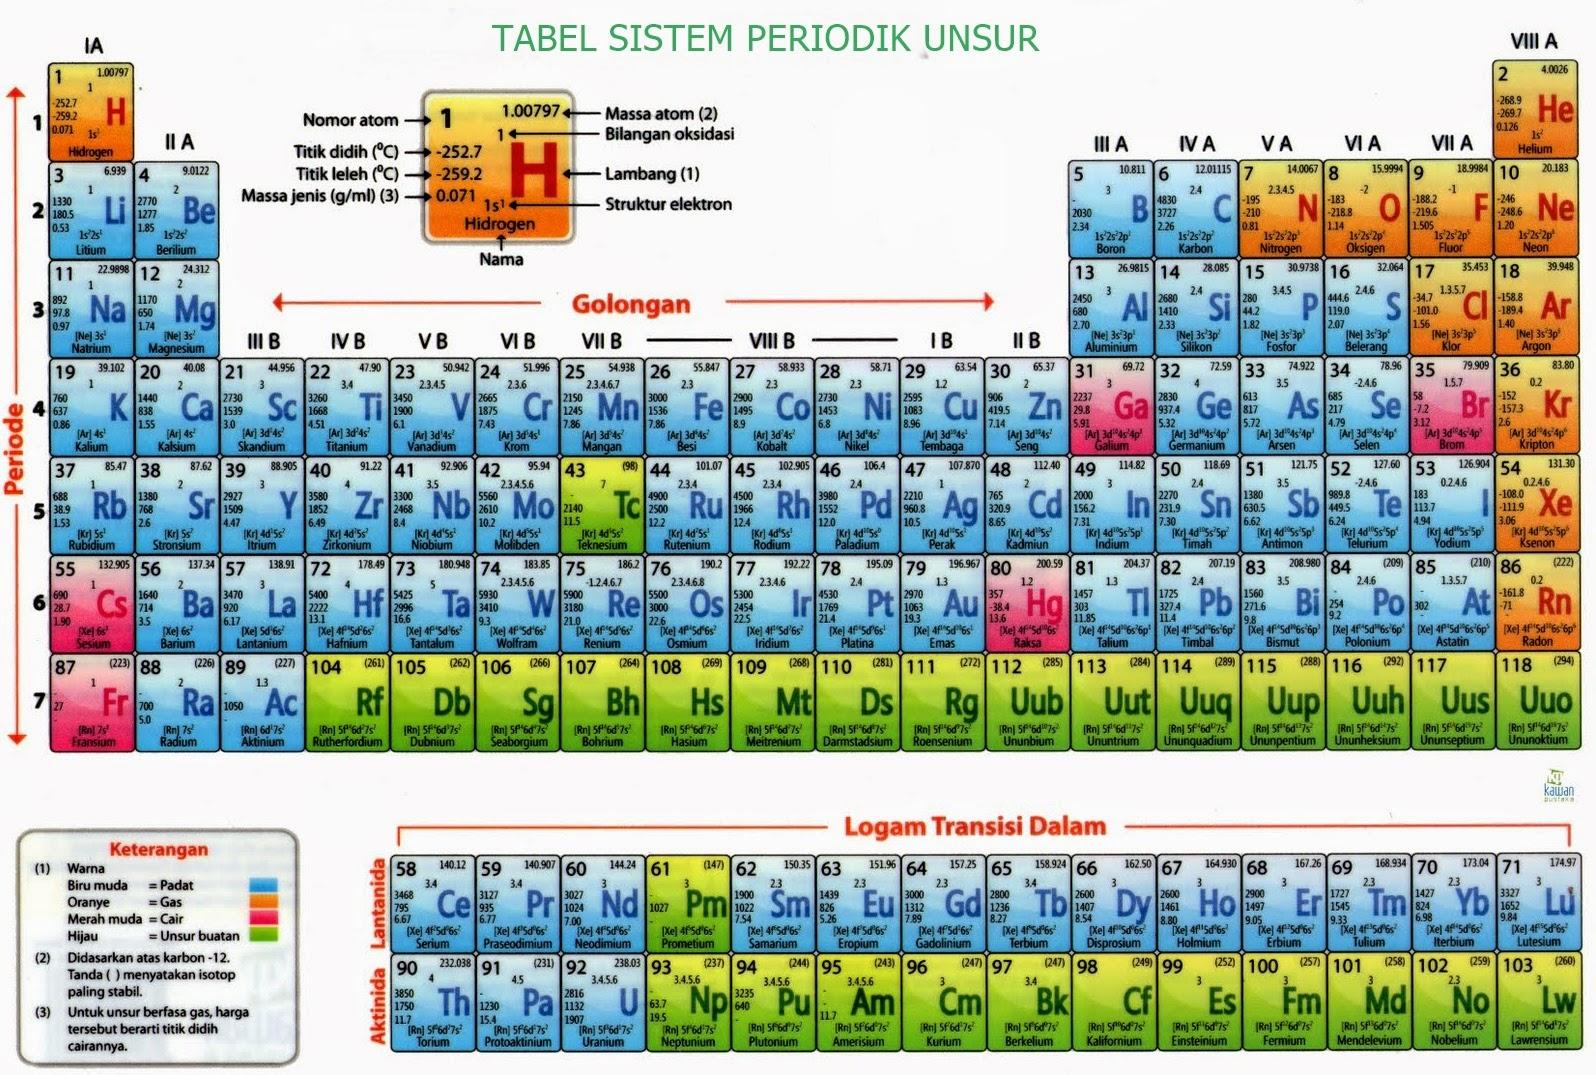 Tabel sistem periodik unsur dan penjelasannya lengkap tabel sistem periodik unsur dan penjelasannya lengkap urtaz Images